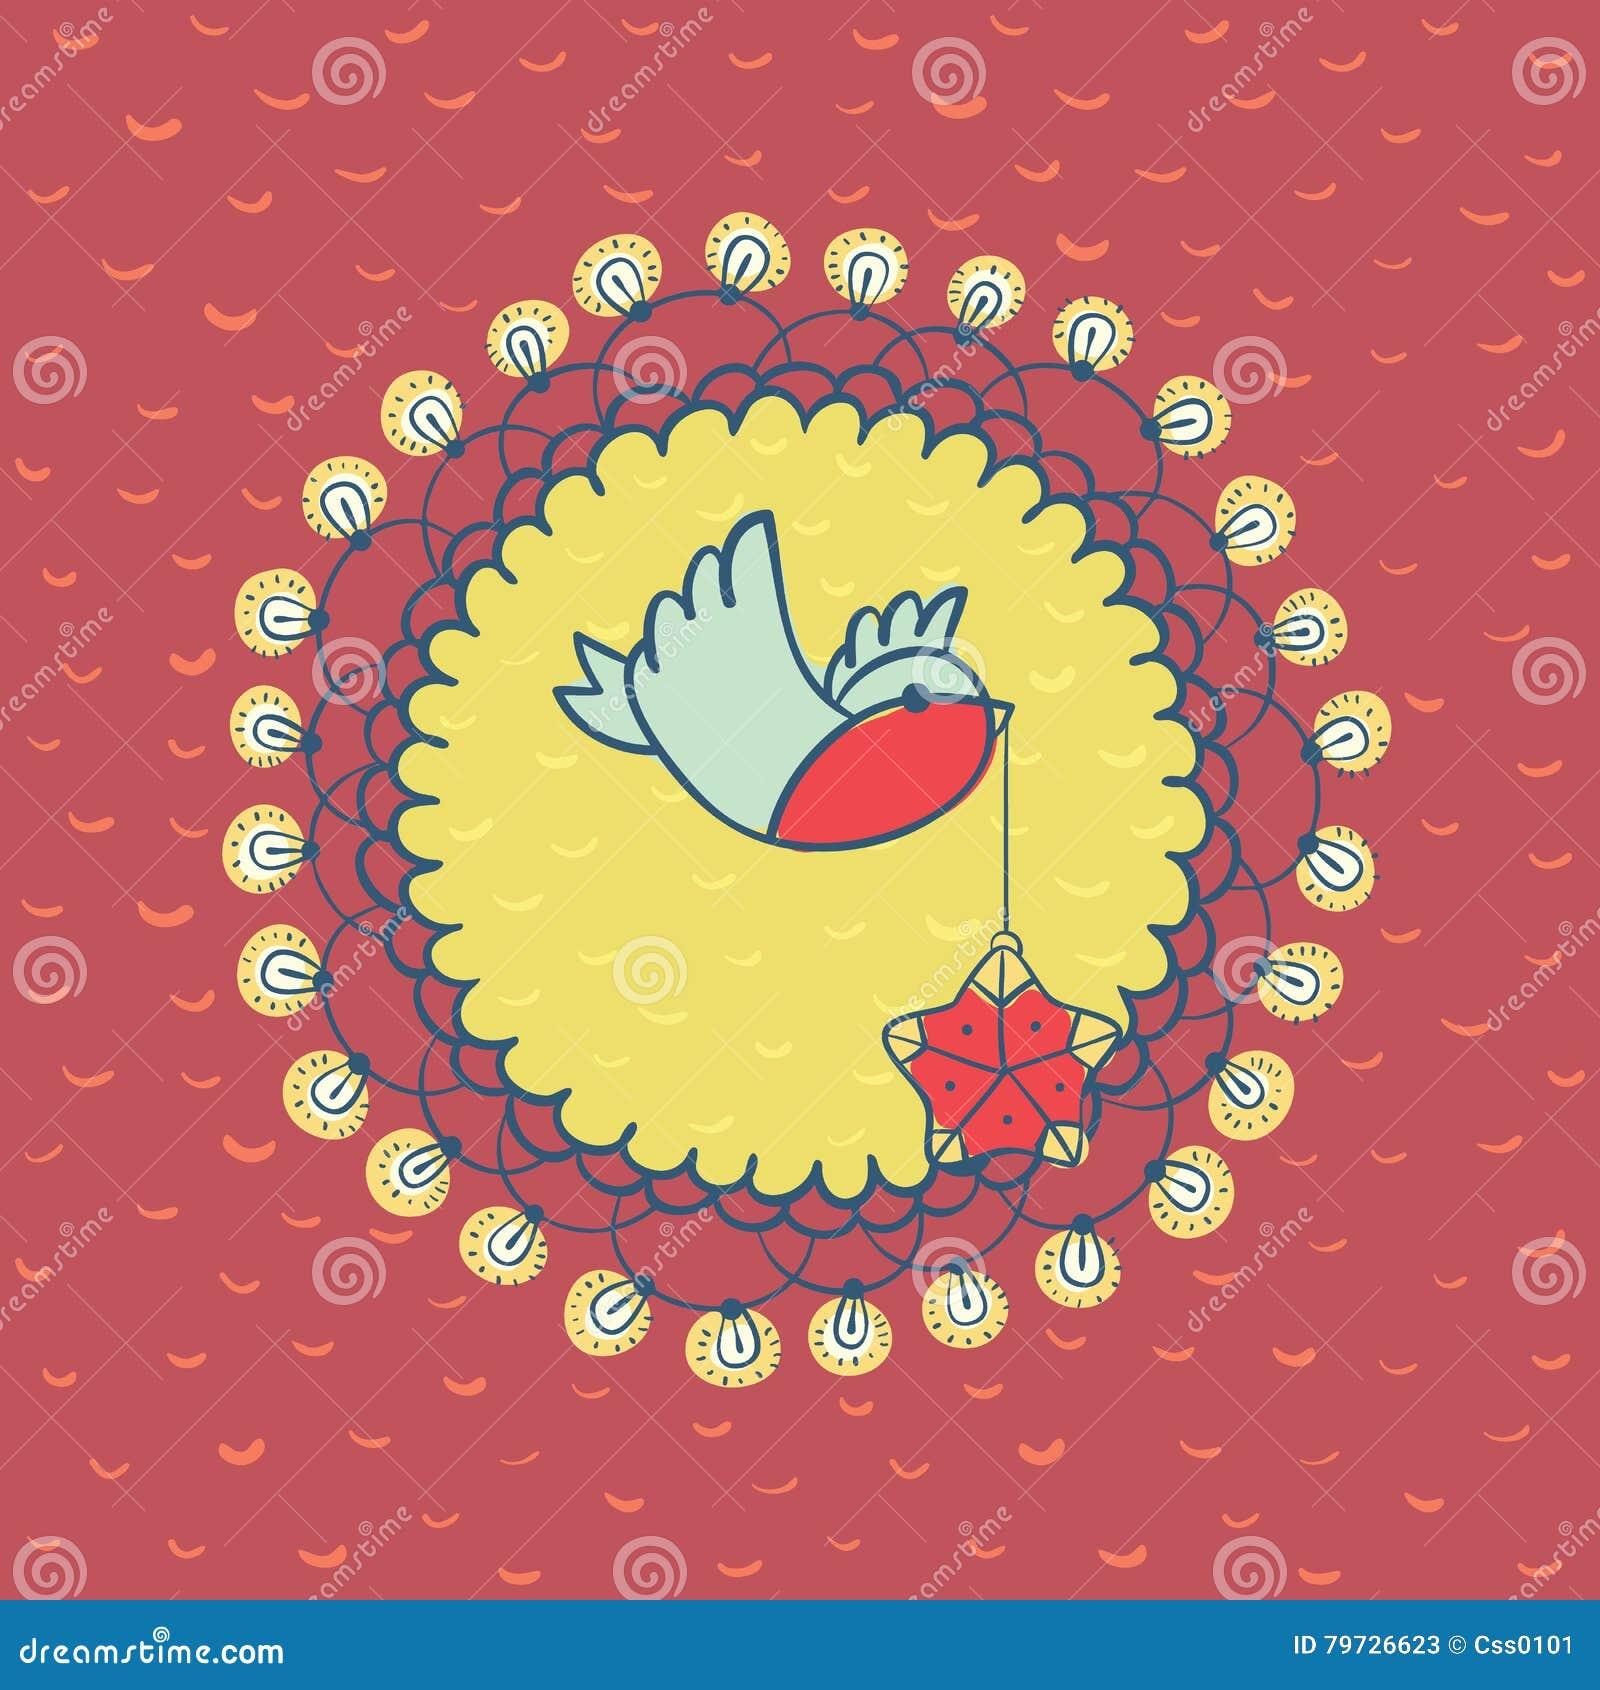 Marco redondo de la Navidad y del Año Nuevo con símbolo del pájaro Tarjeta de felicitación